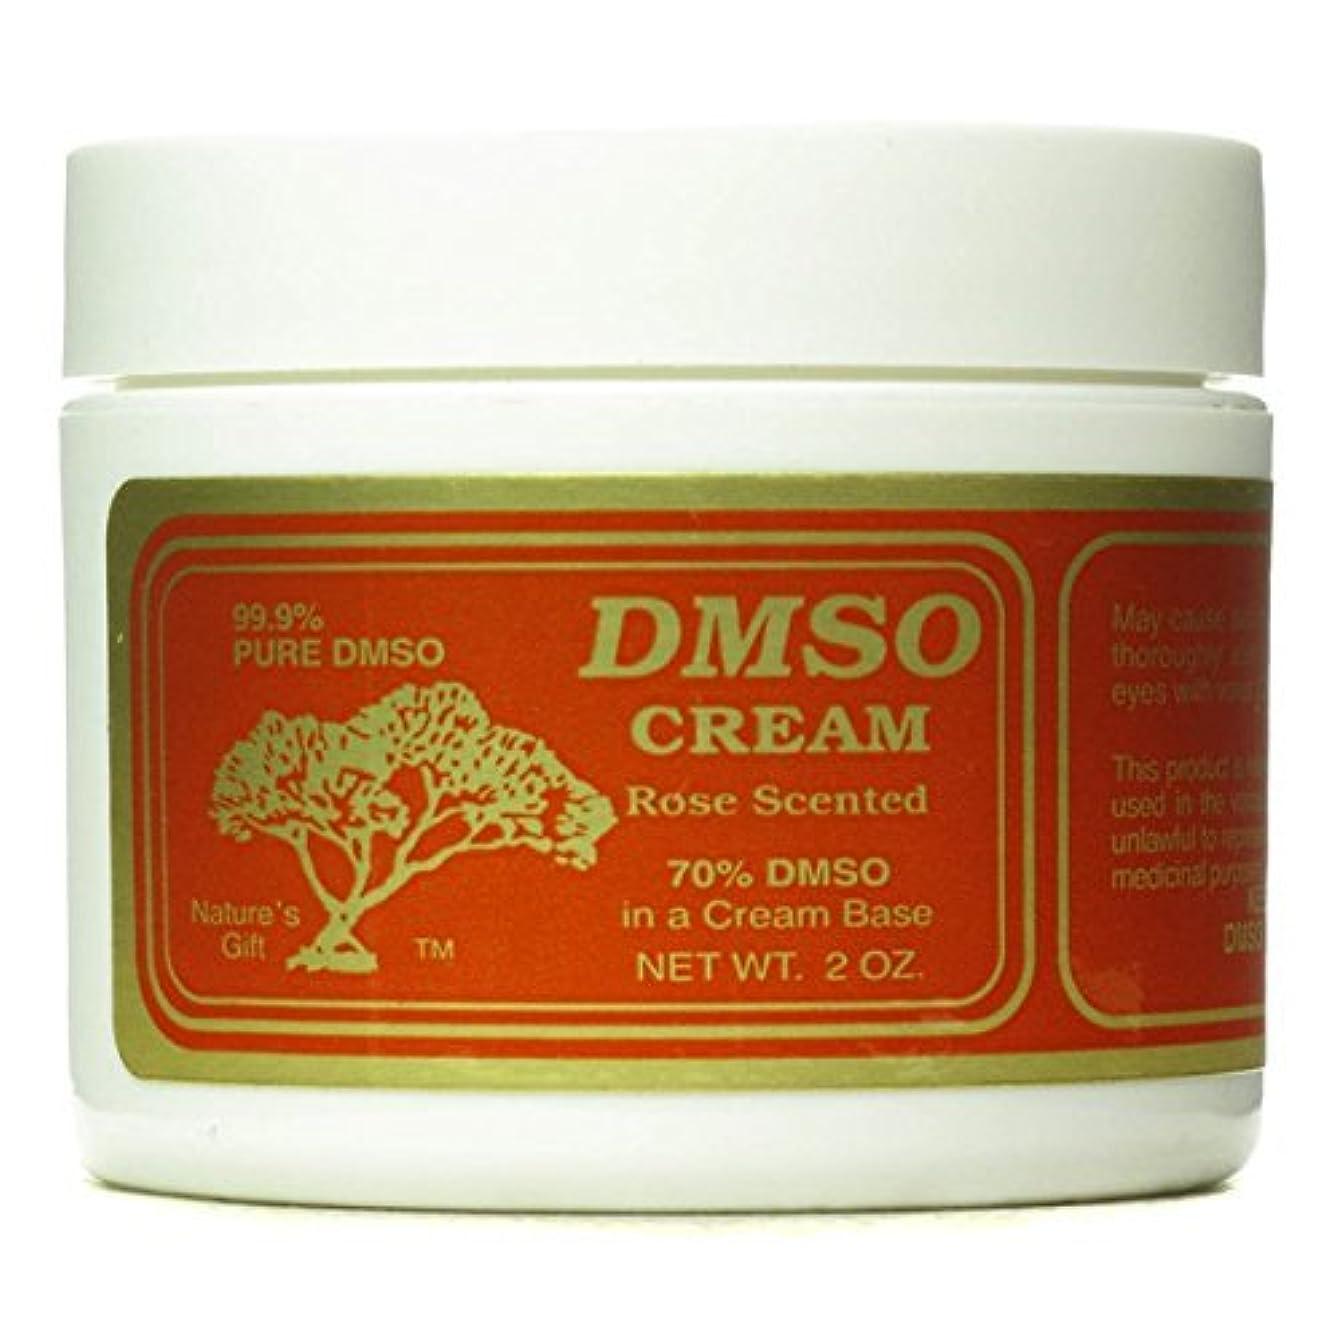 へこみ保護容量Dmso - DMSO Cream Rose Scented 2 oz [並行輸入品]